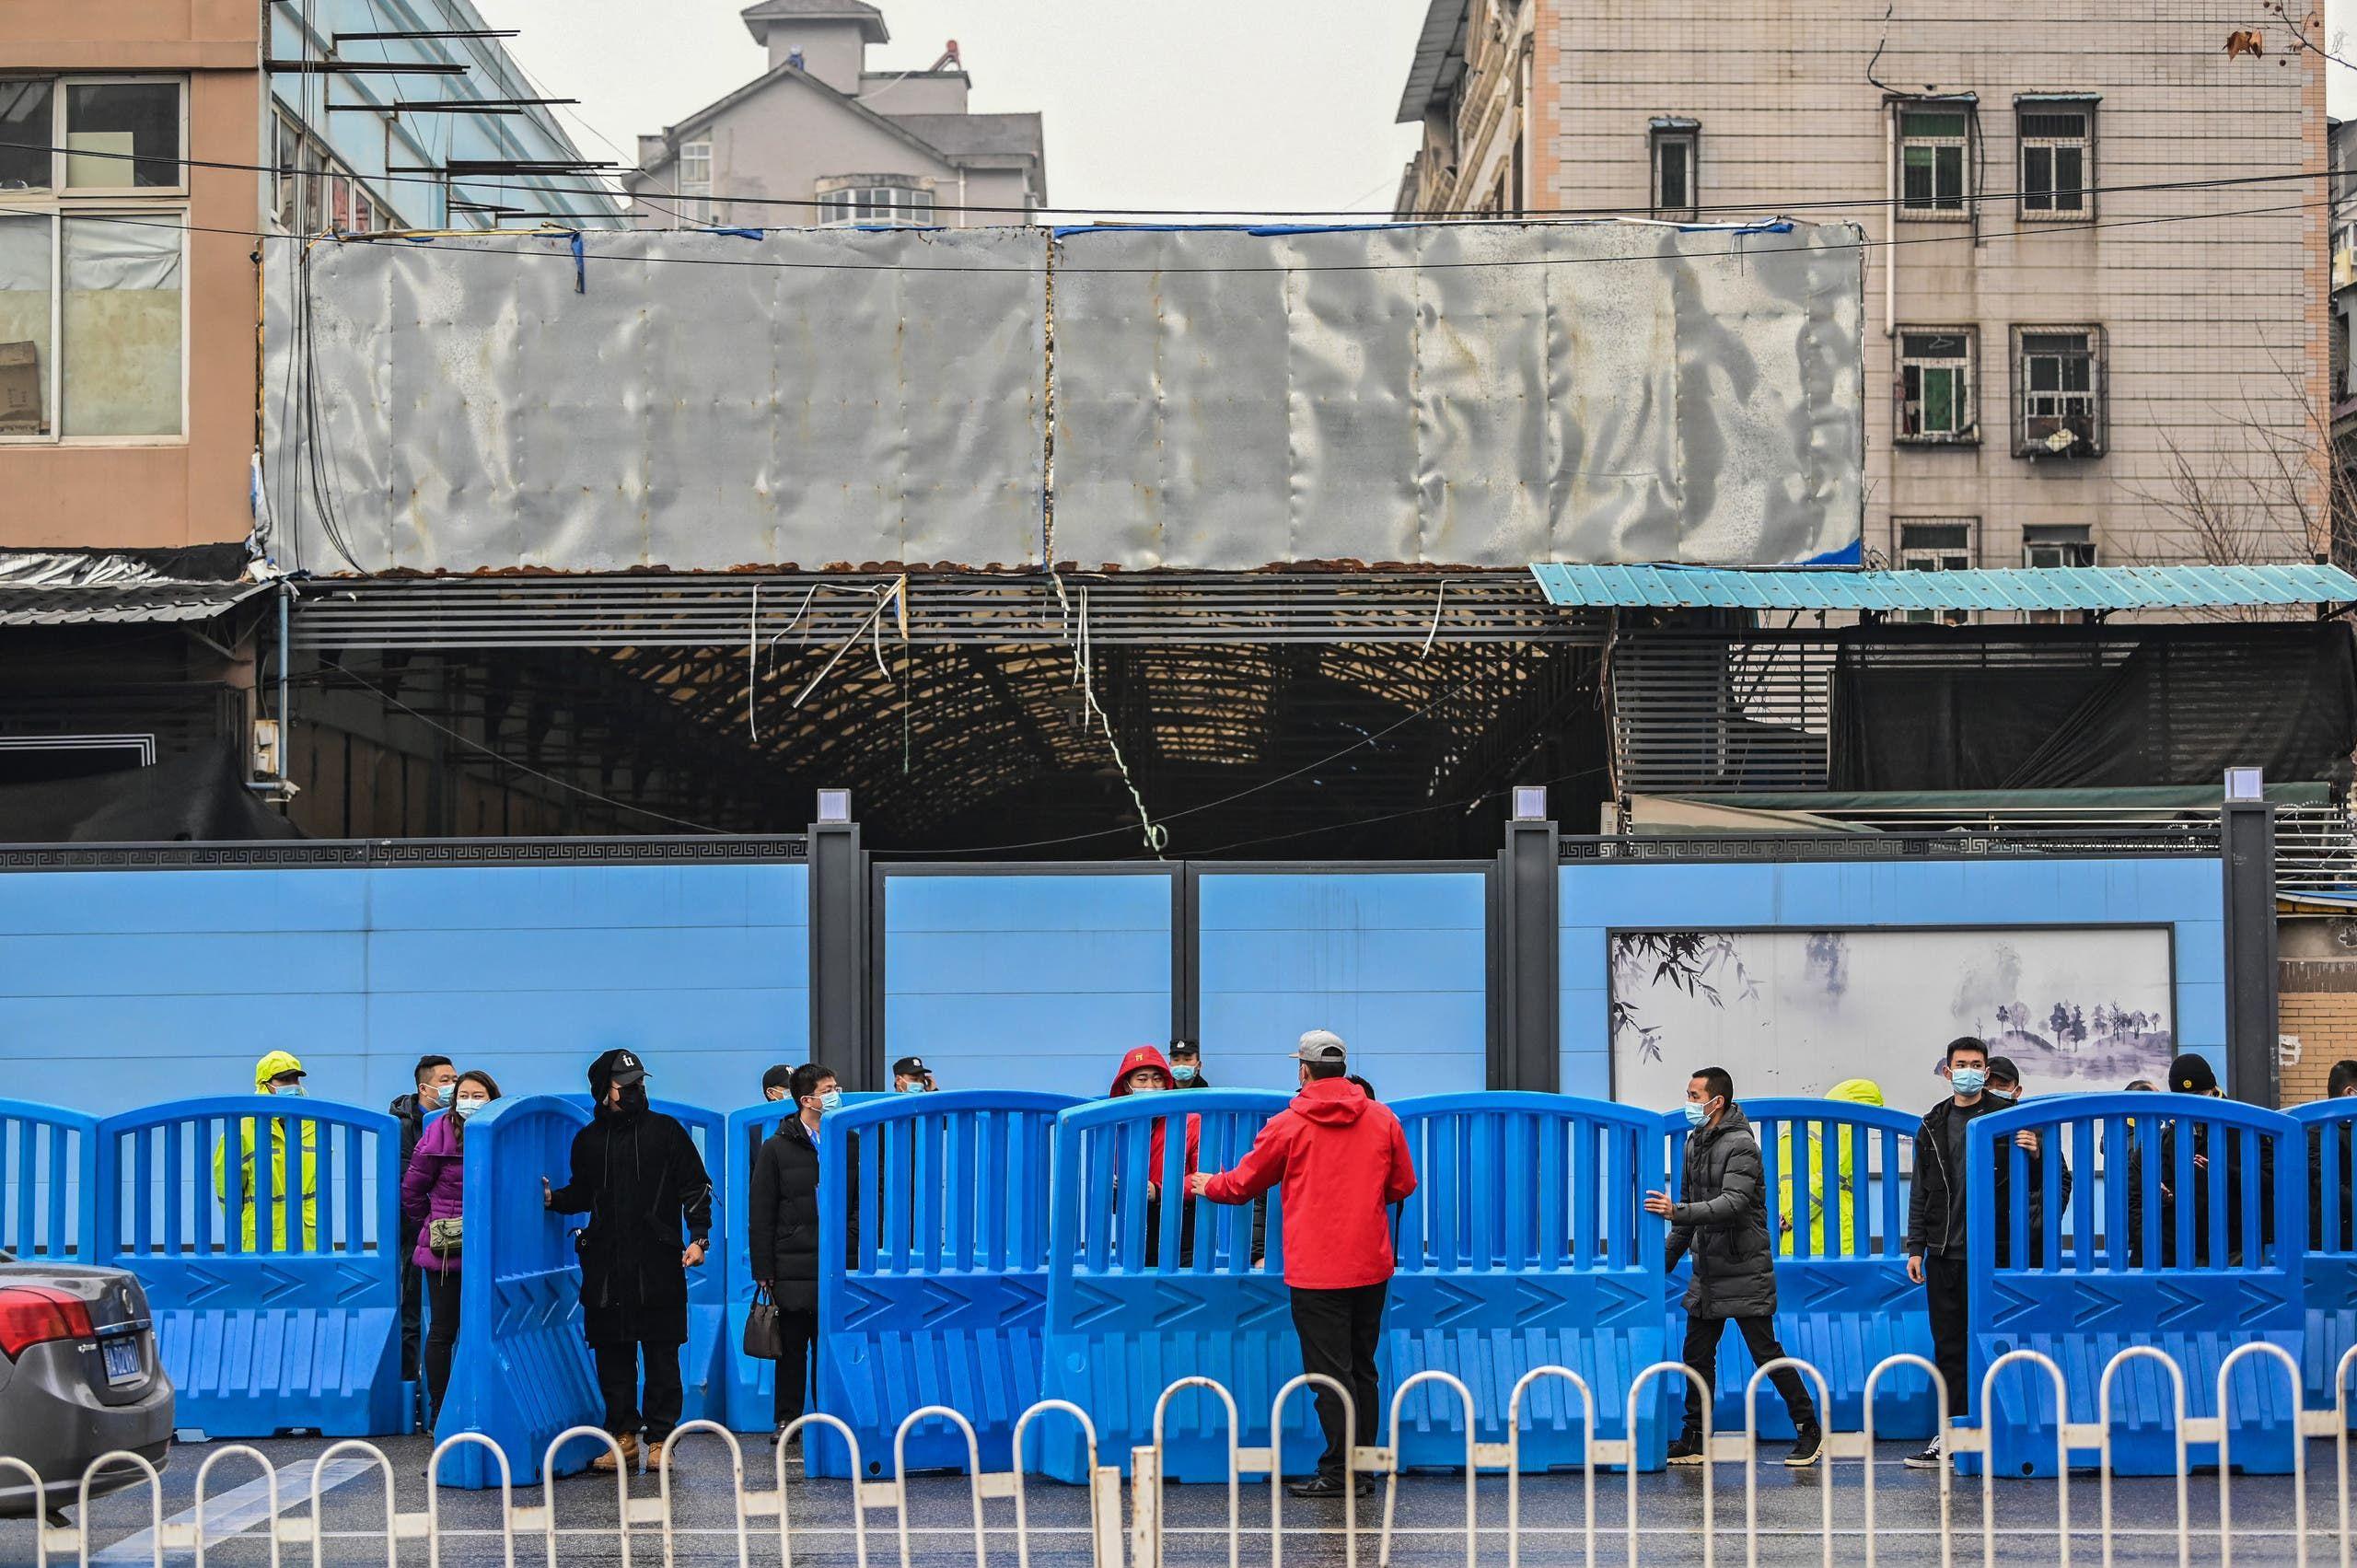 من سوق ووهان المغلق يوم 31 يناير 2021